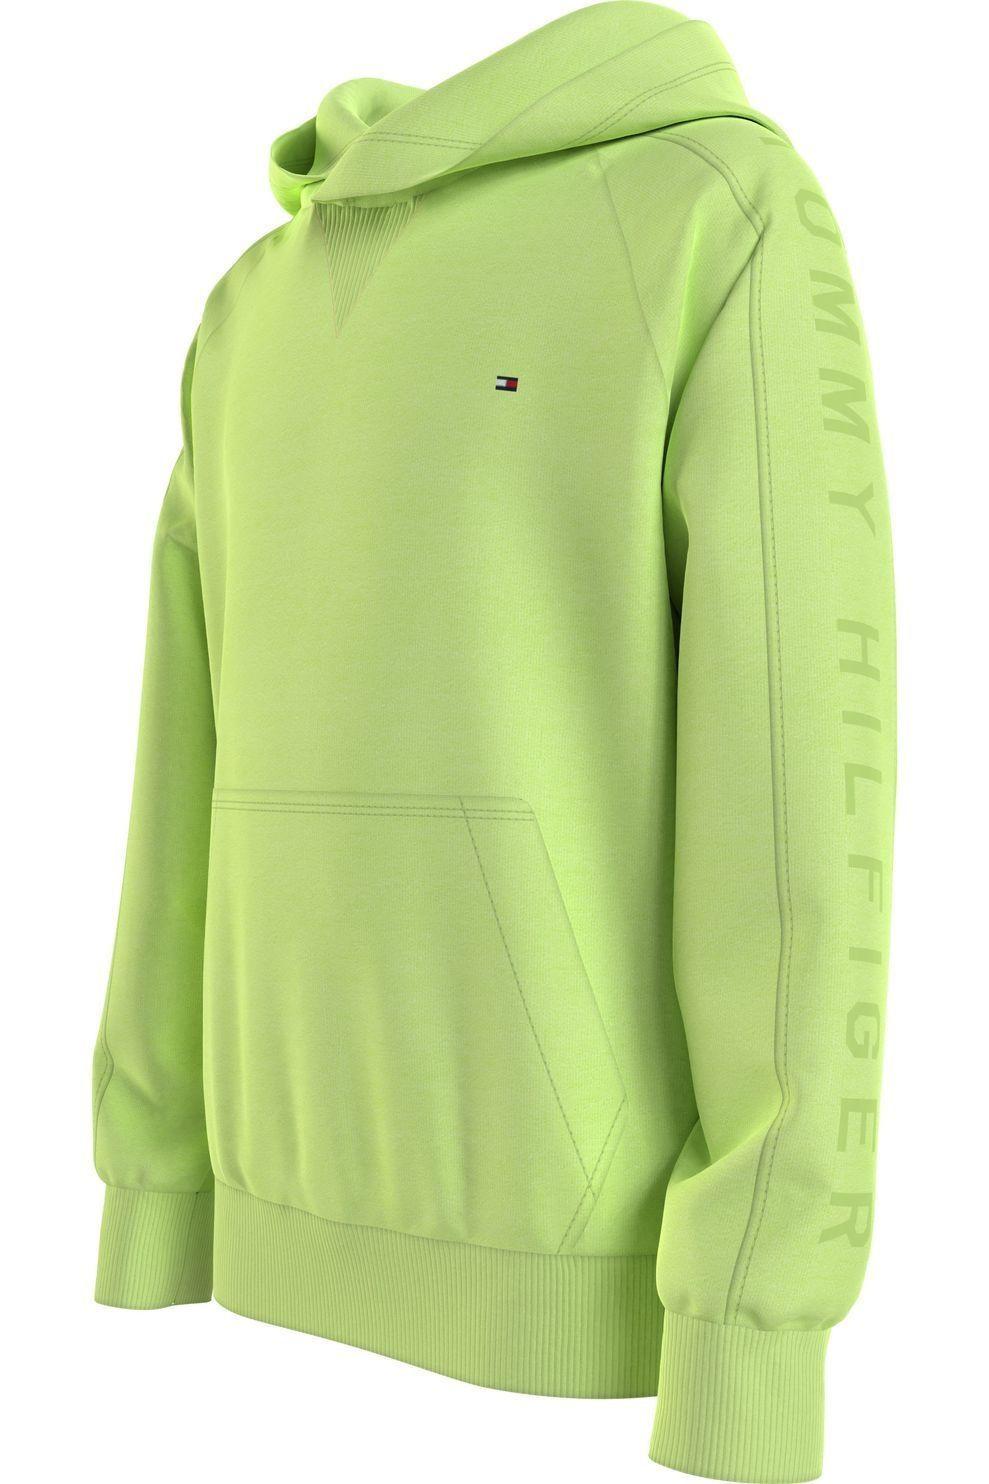 Tommy Hilfiger Trui Gmd Sleeve Artwork Hoodie voor jongens - Limoen Groen - Maten: 140, 152, 164, 17